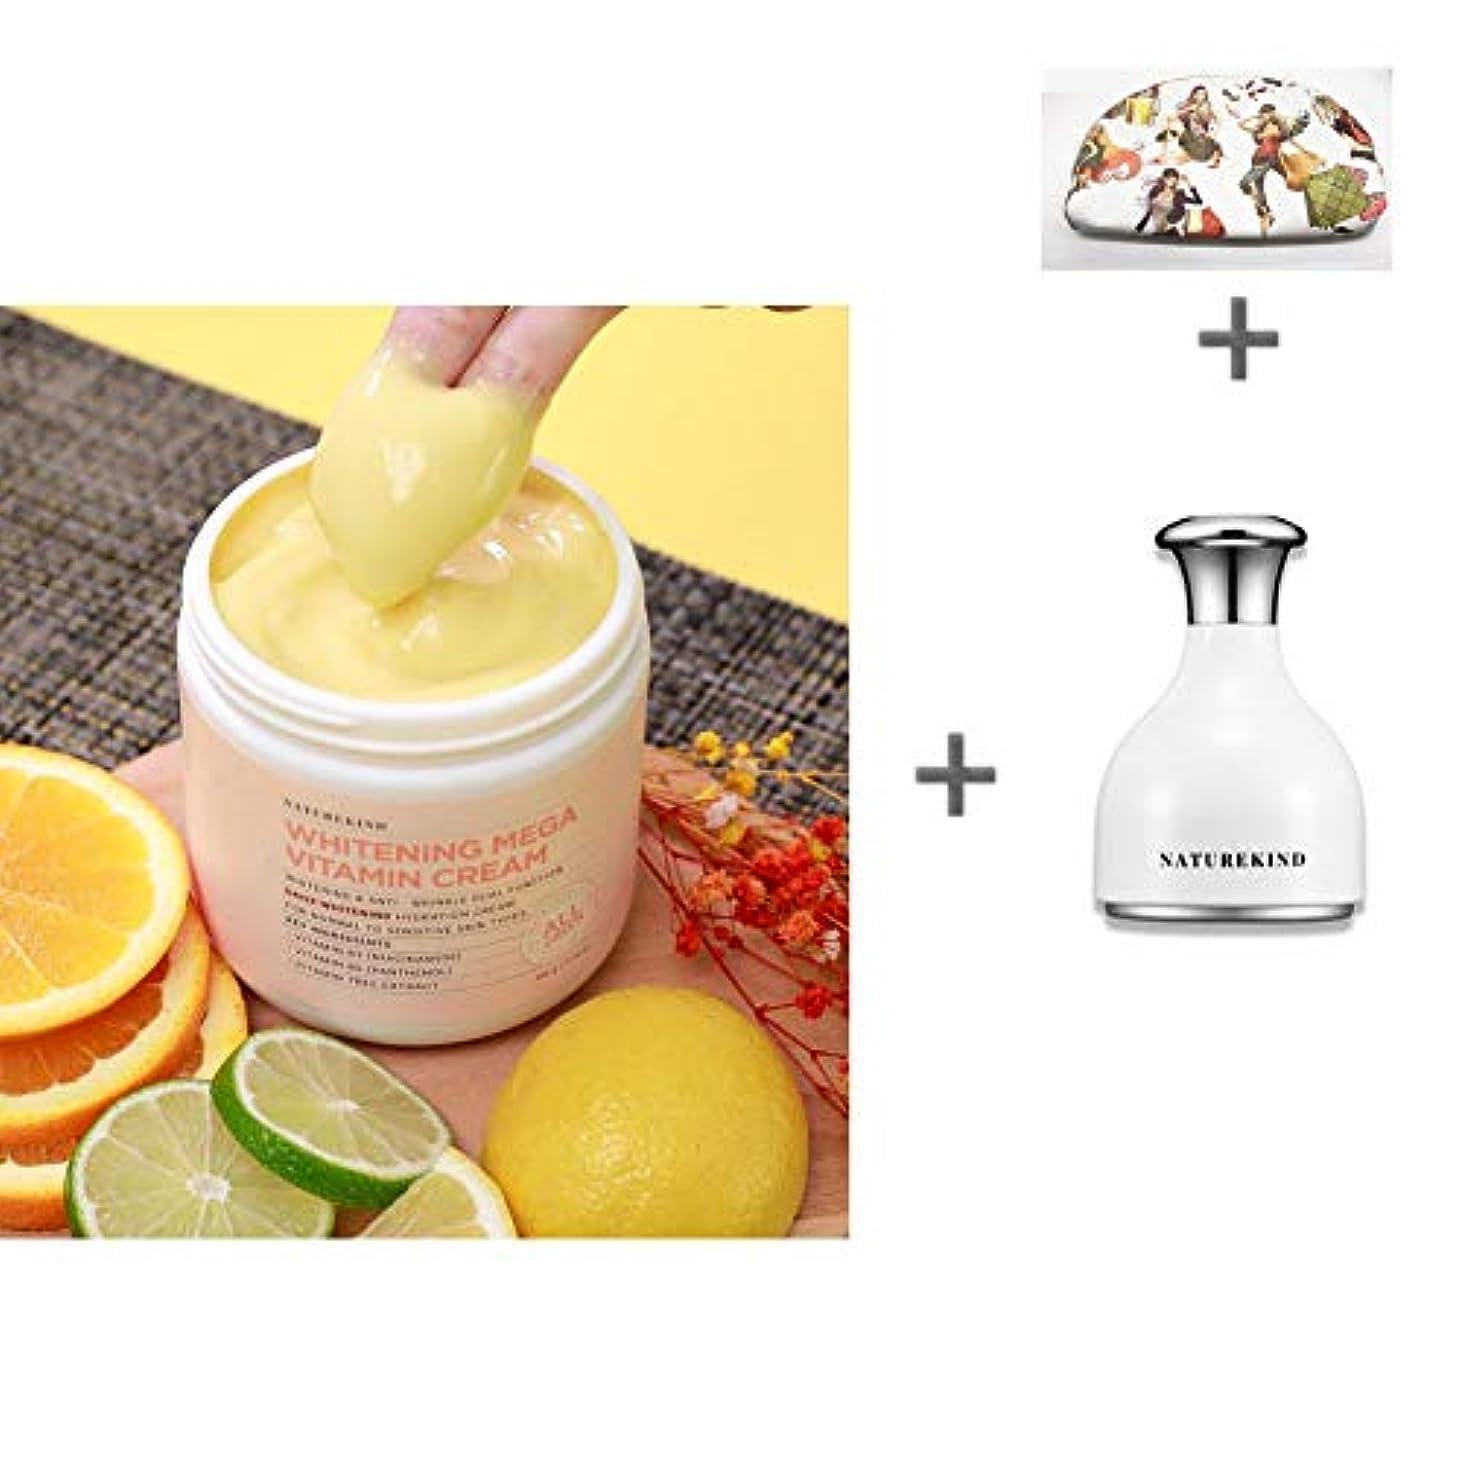 土器遺伝子広範囲[ネイチャーカインド]美白ビタミンクリーム500gの大容量Vitamin Cream /全成分100%グリーン評価/敏感肌にも安心/トンオプ/保湿/くすみ除去/美白クリーム [海外直送品][並行輸入品] (クリーム+クーリングスティック)